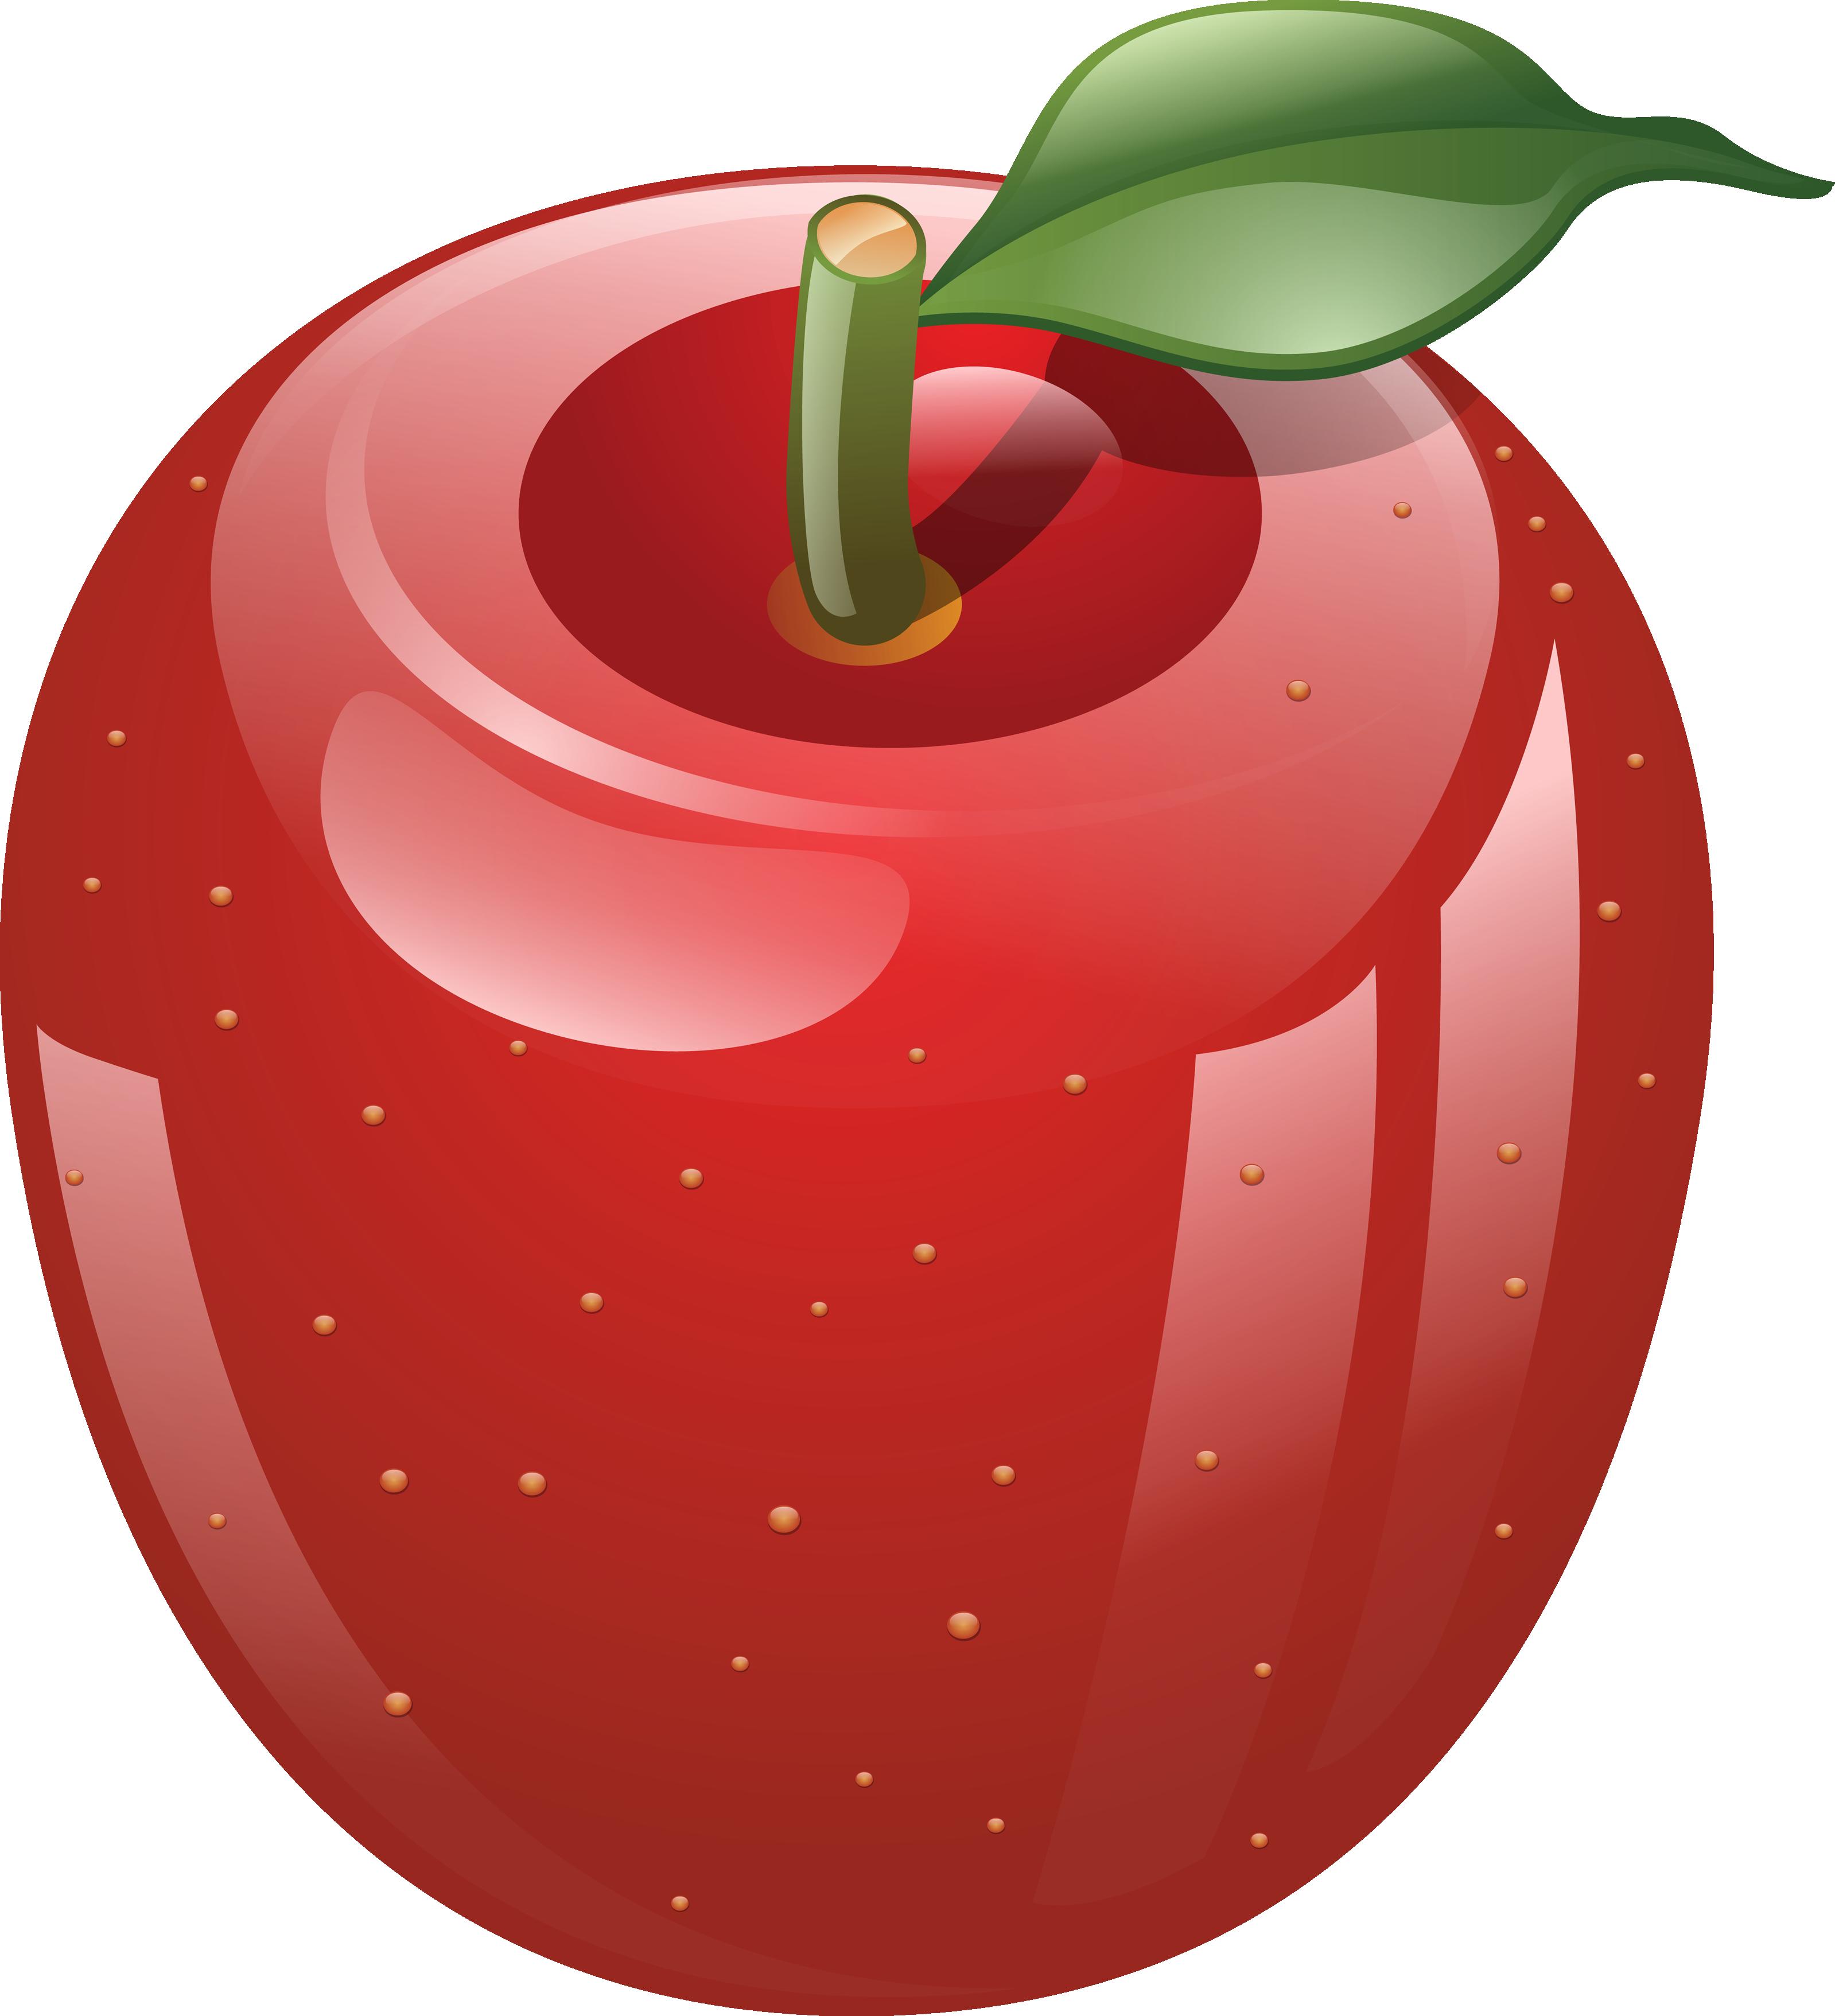 Dots clipart transparent apple Apple clipart Transparent apple png